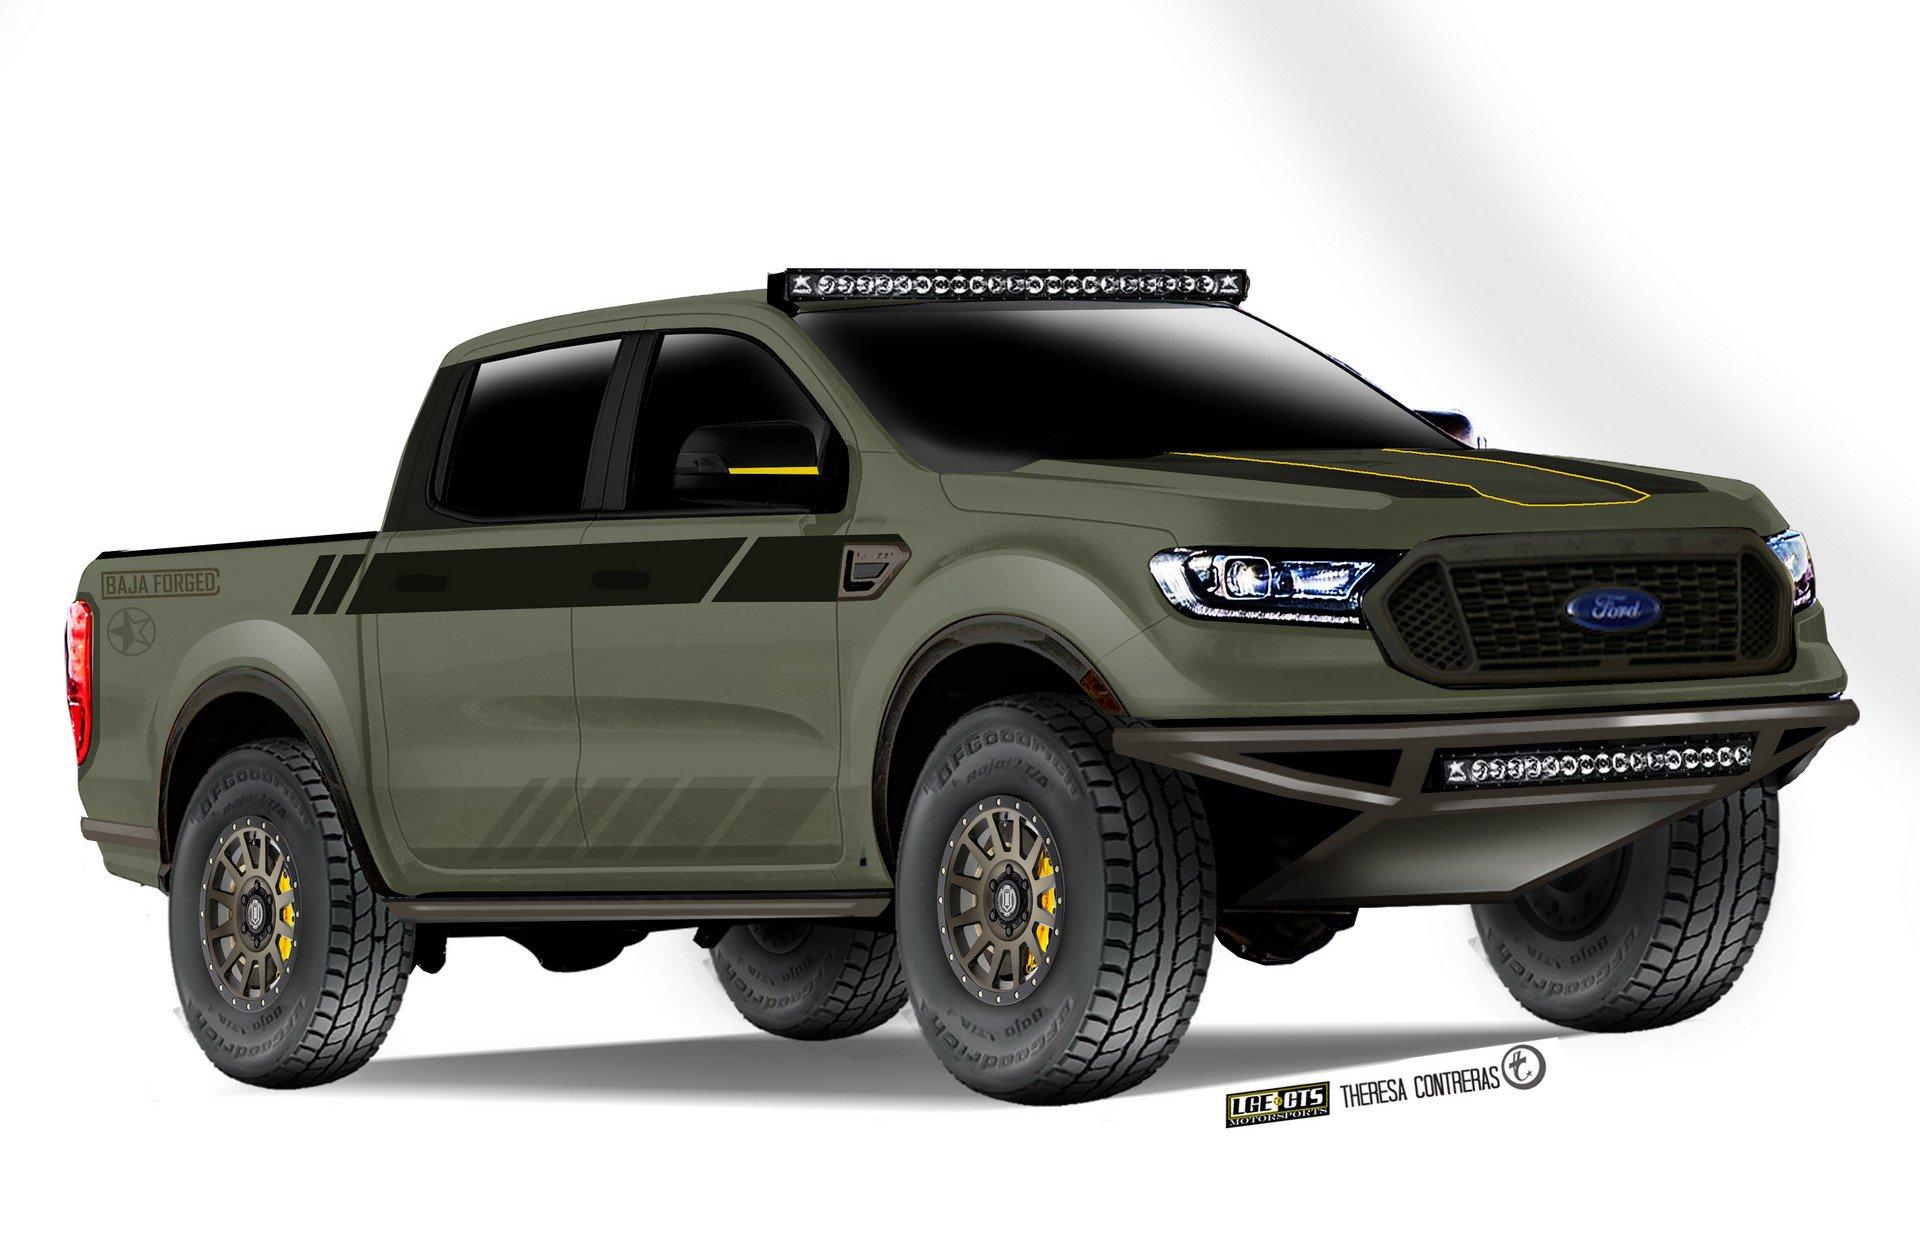 kham-pha-7-mau-ban-tai-do-cua-ford-ranger-2019